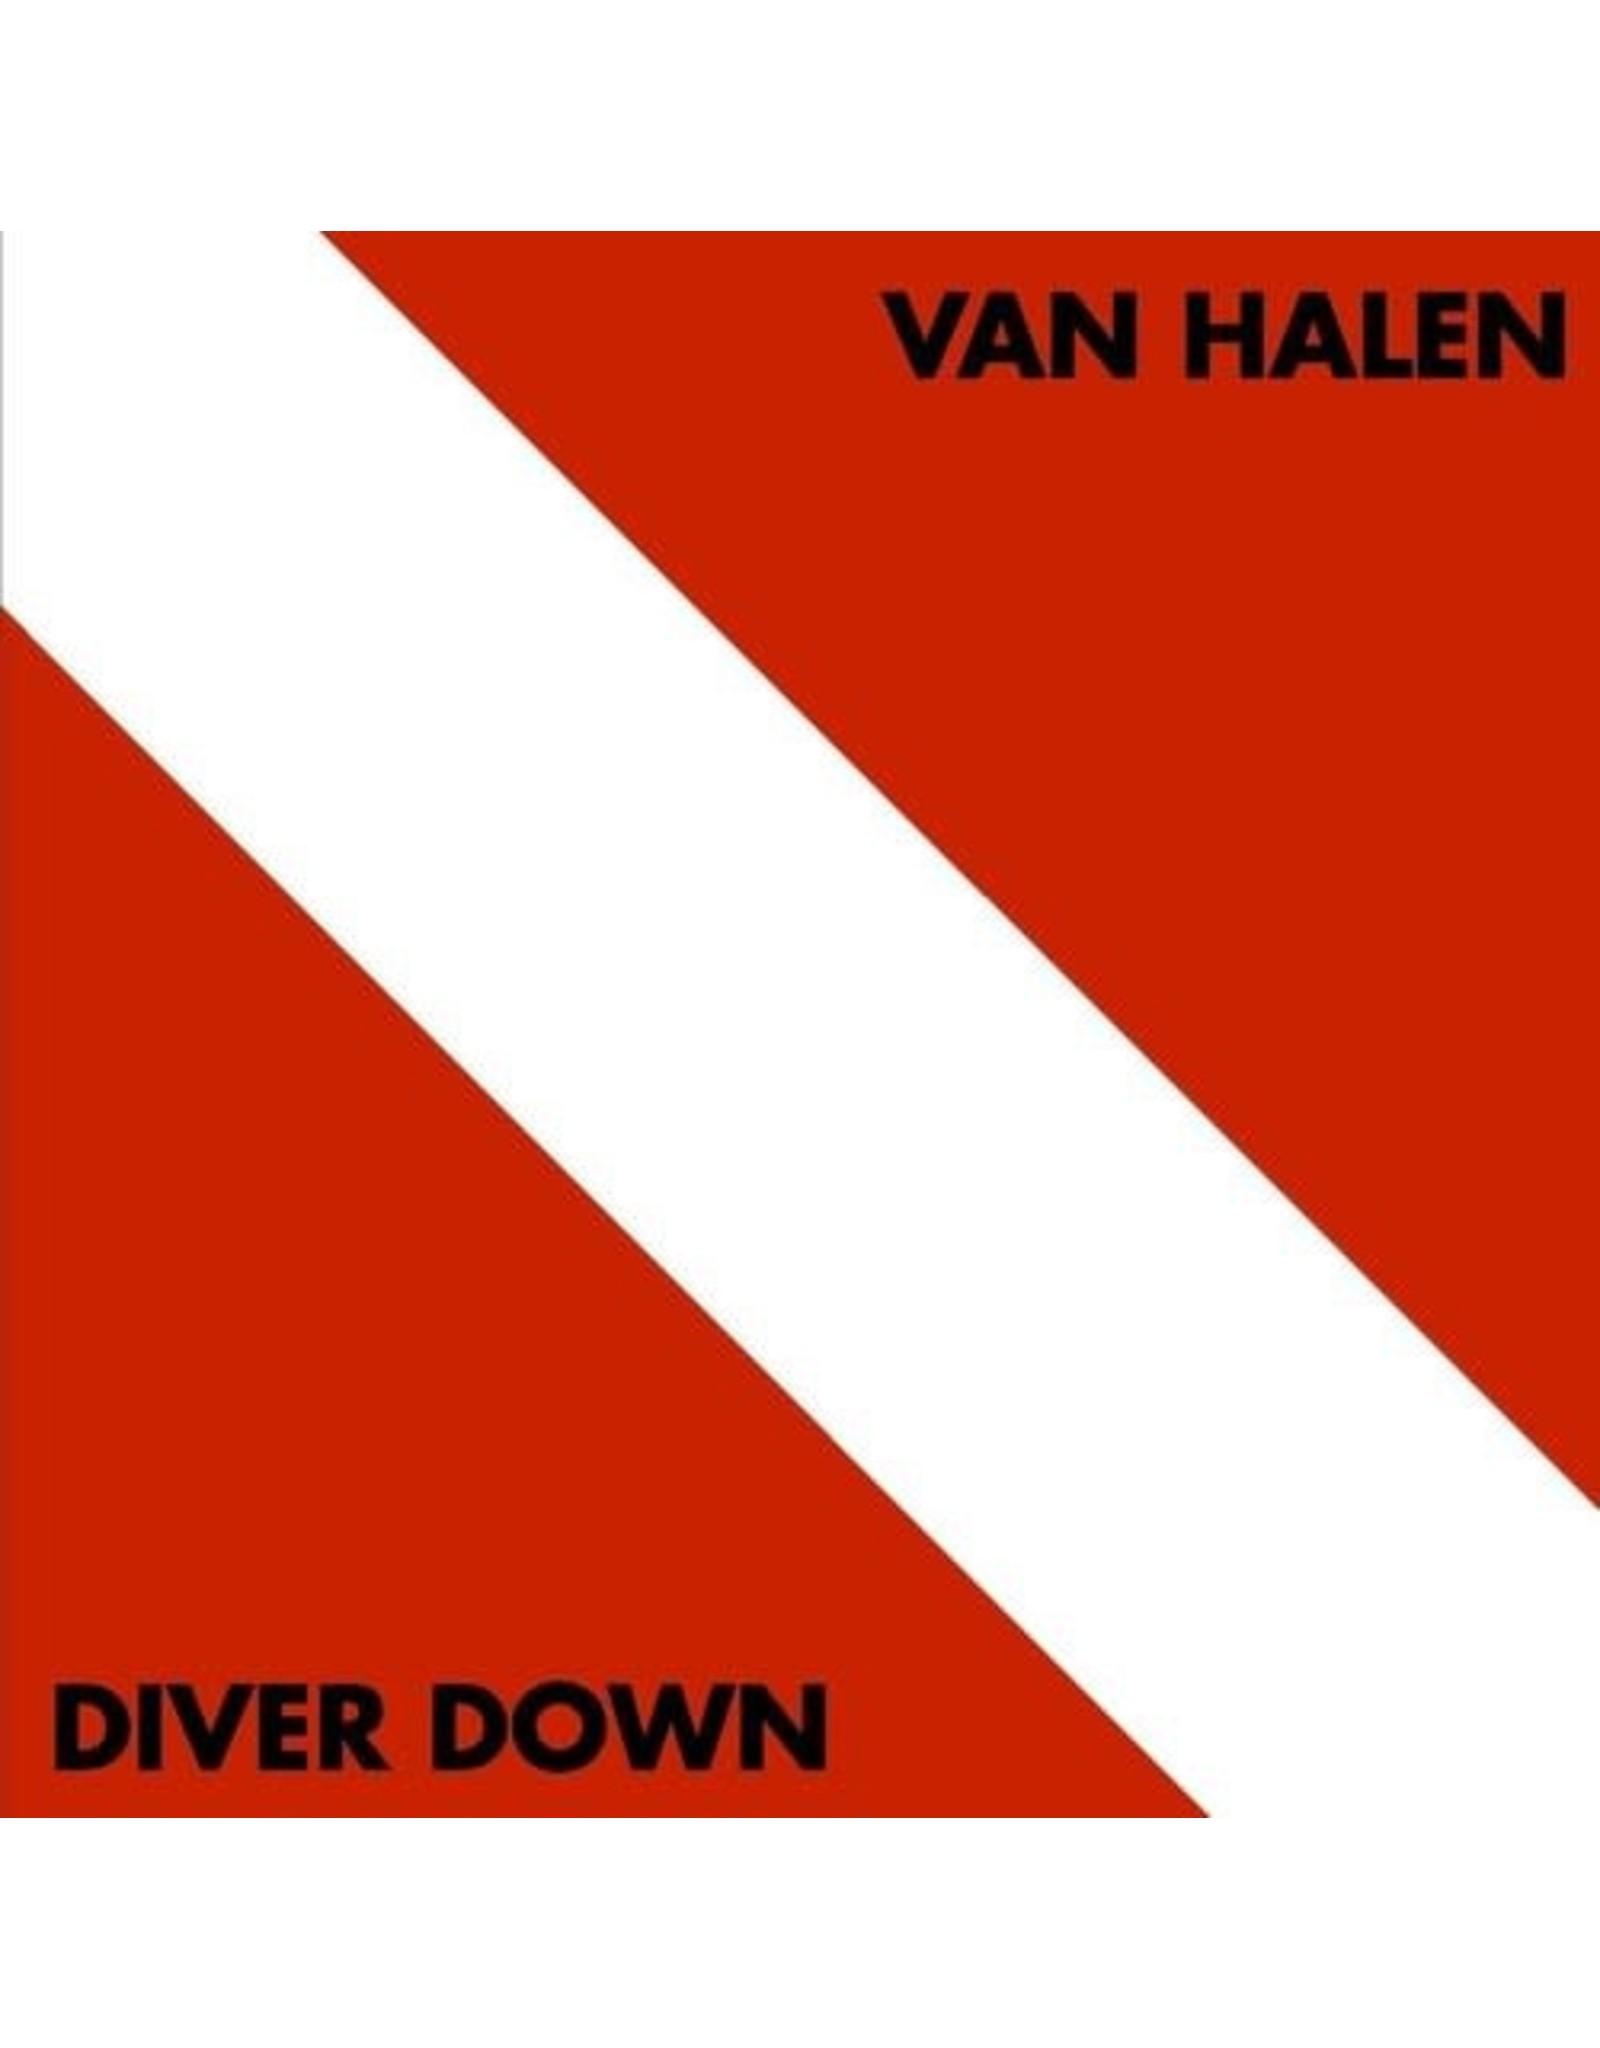 New Vinyl Van Halen - Diver Down LP